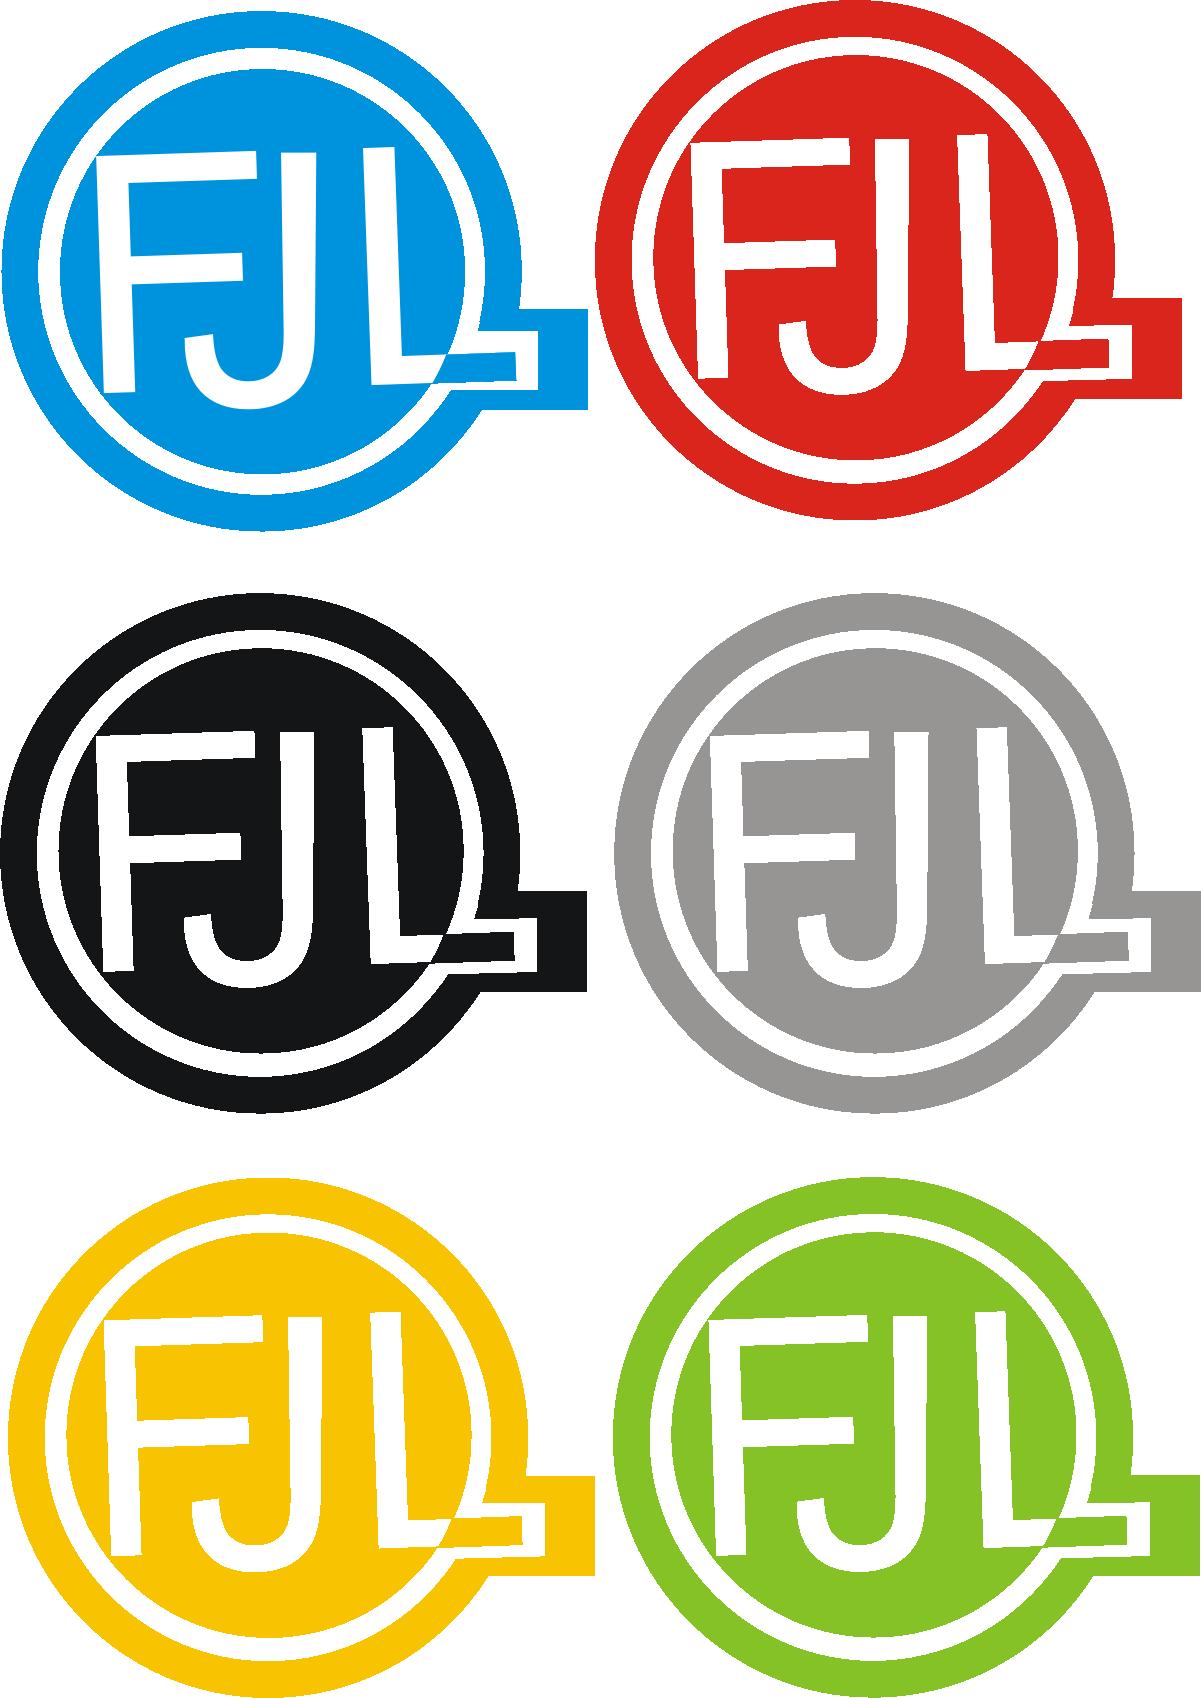 国际物流公司logo设计图片